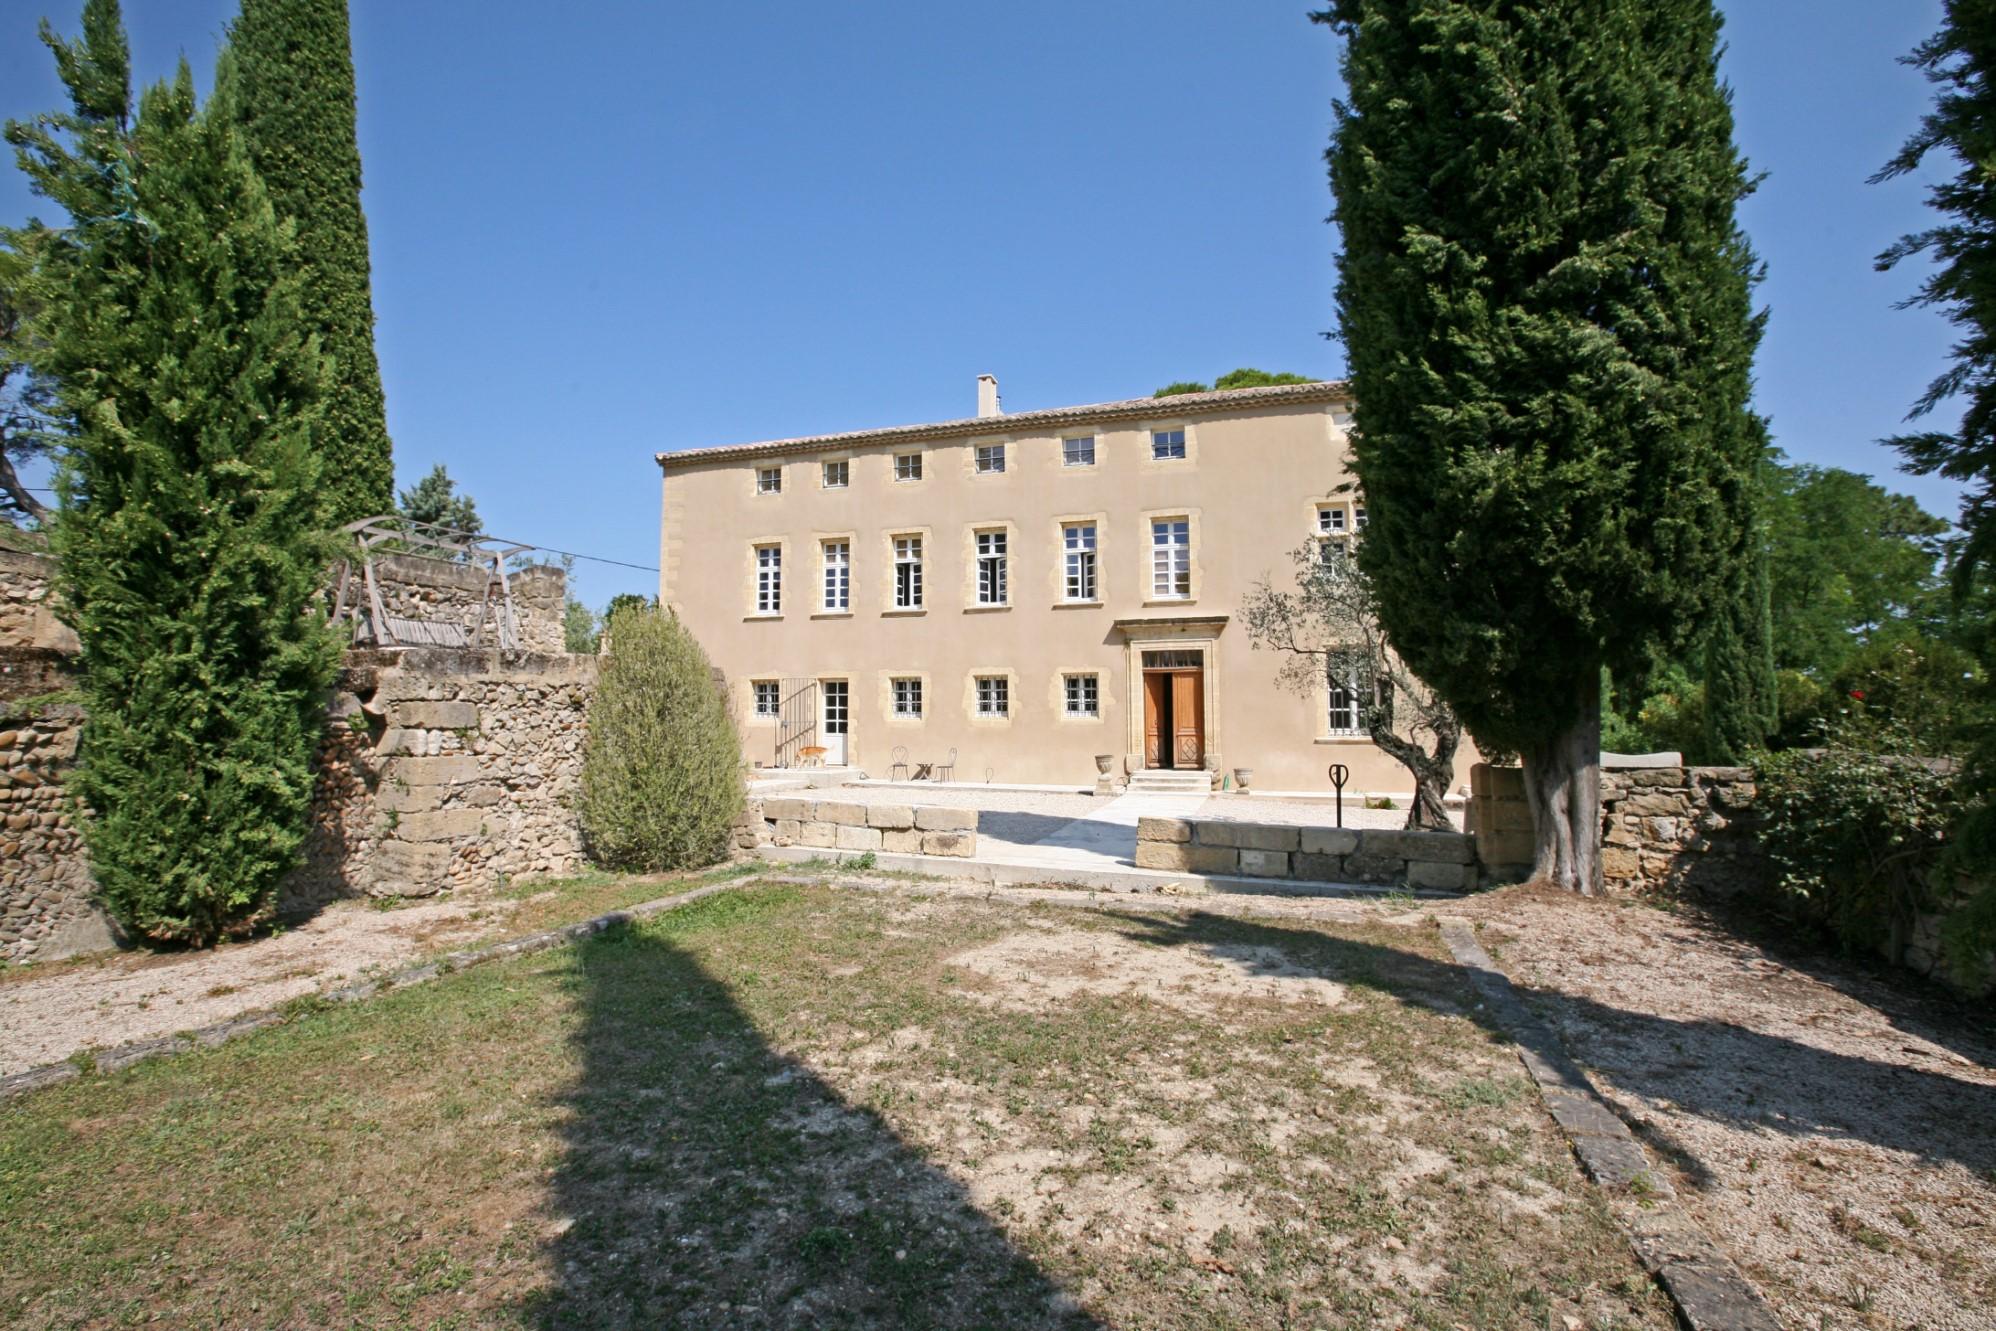 Château restauré au cœur d'un domaine privé en Provence